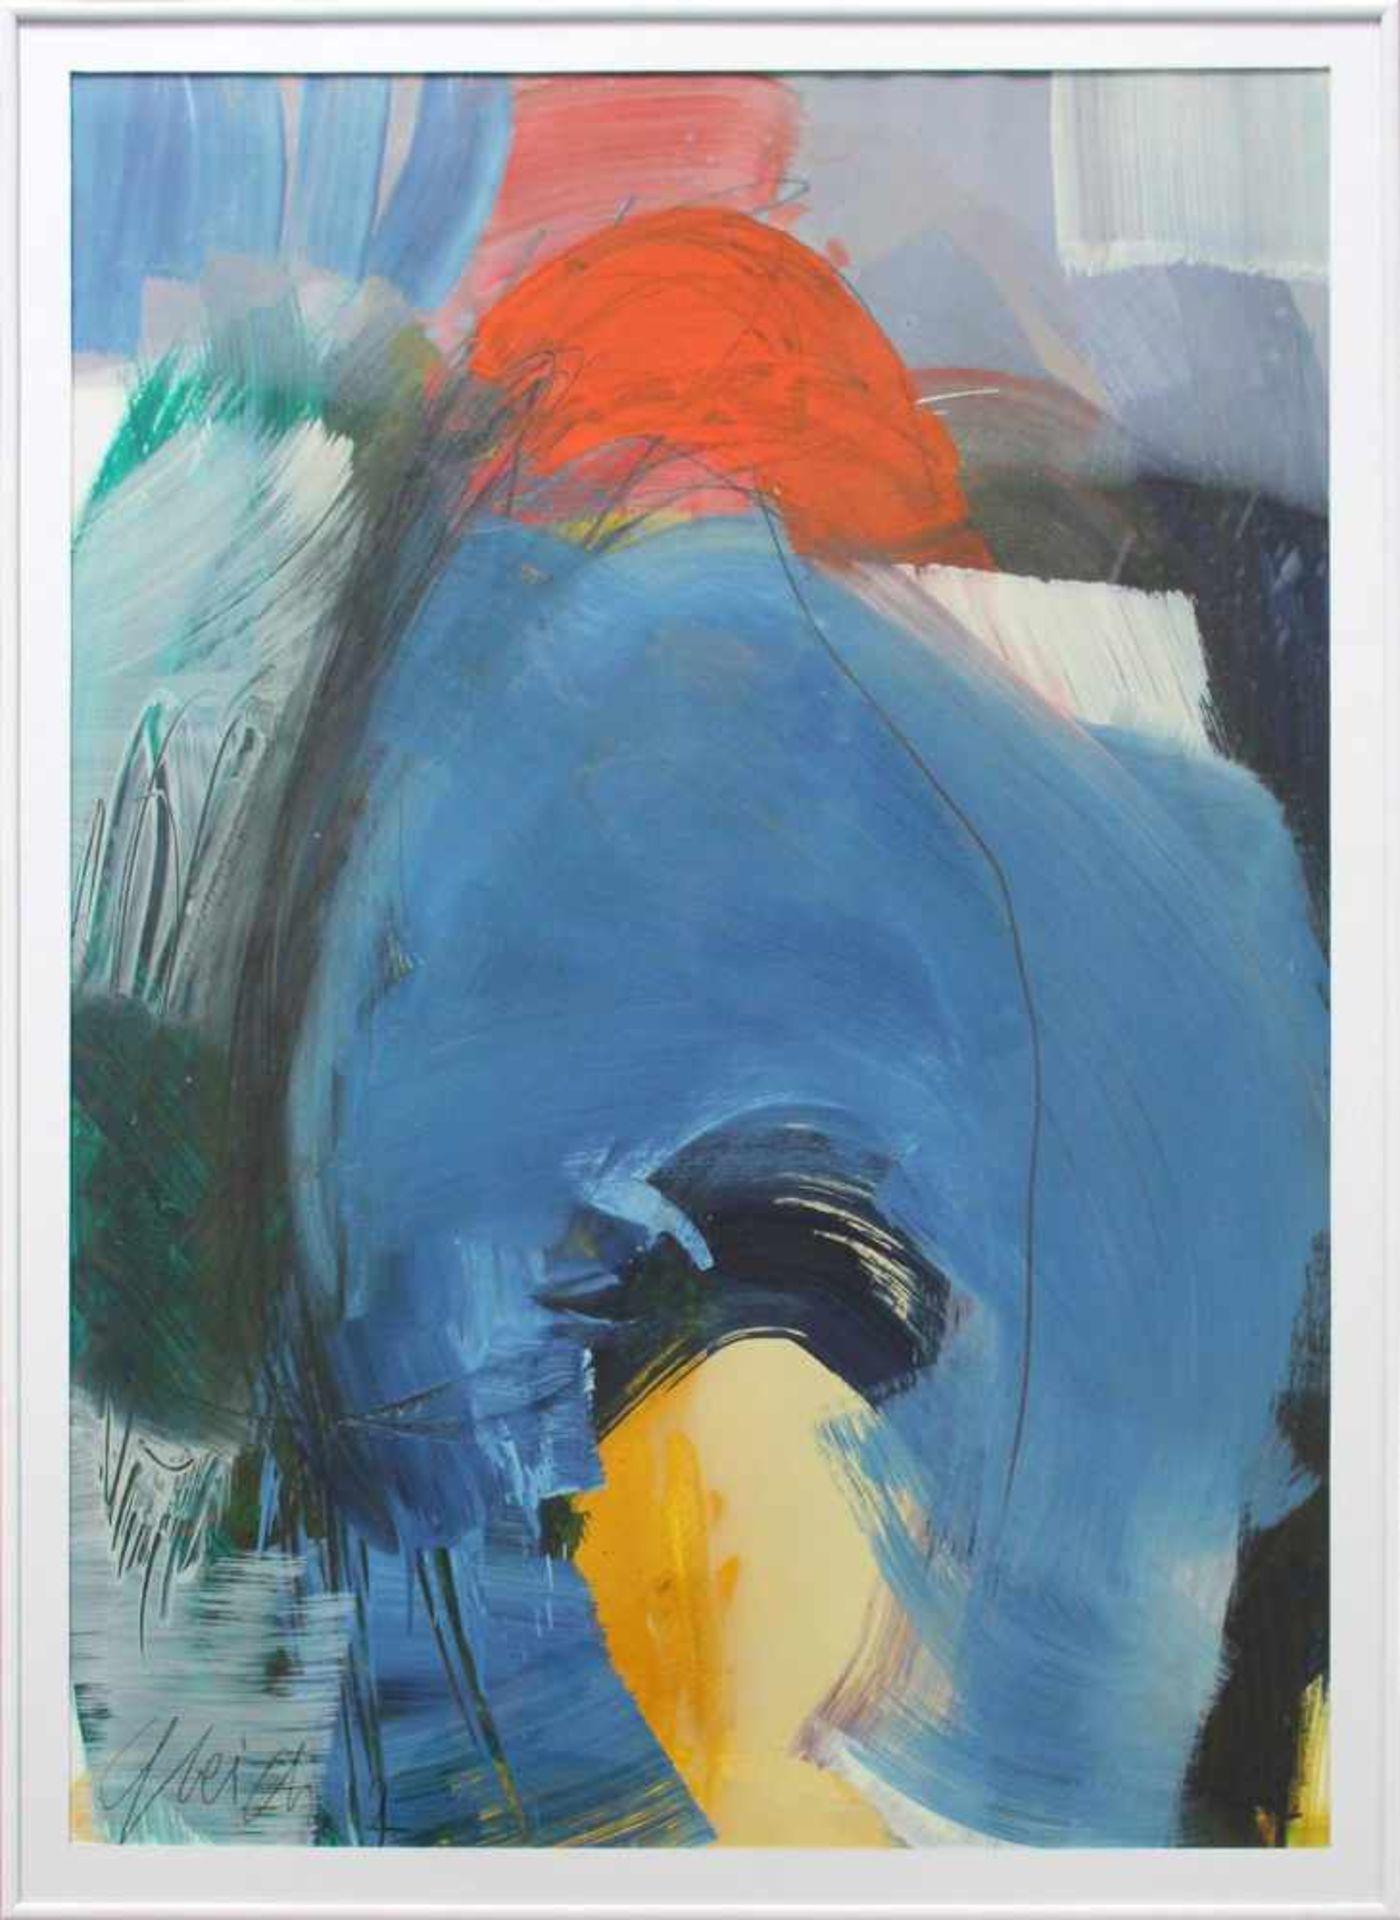 Joanna Gleich geb. 1959 o.T. 2012 Öl auf Papier handsigniert und datiert 95 x 65 cm - Bild 2 aus 3